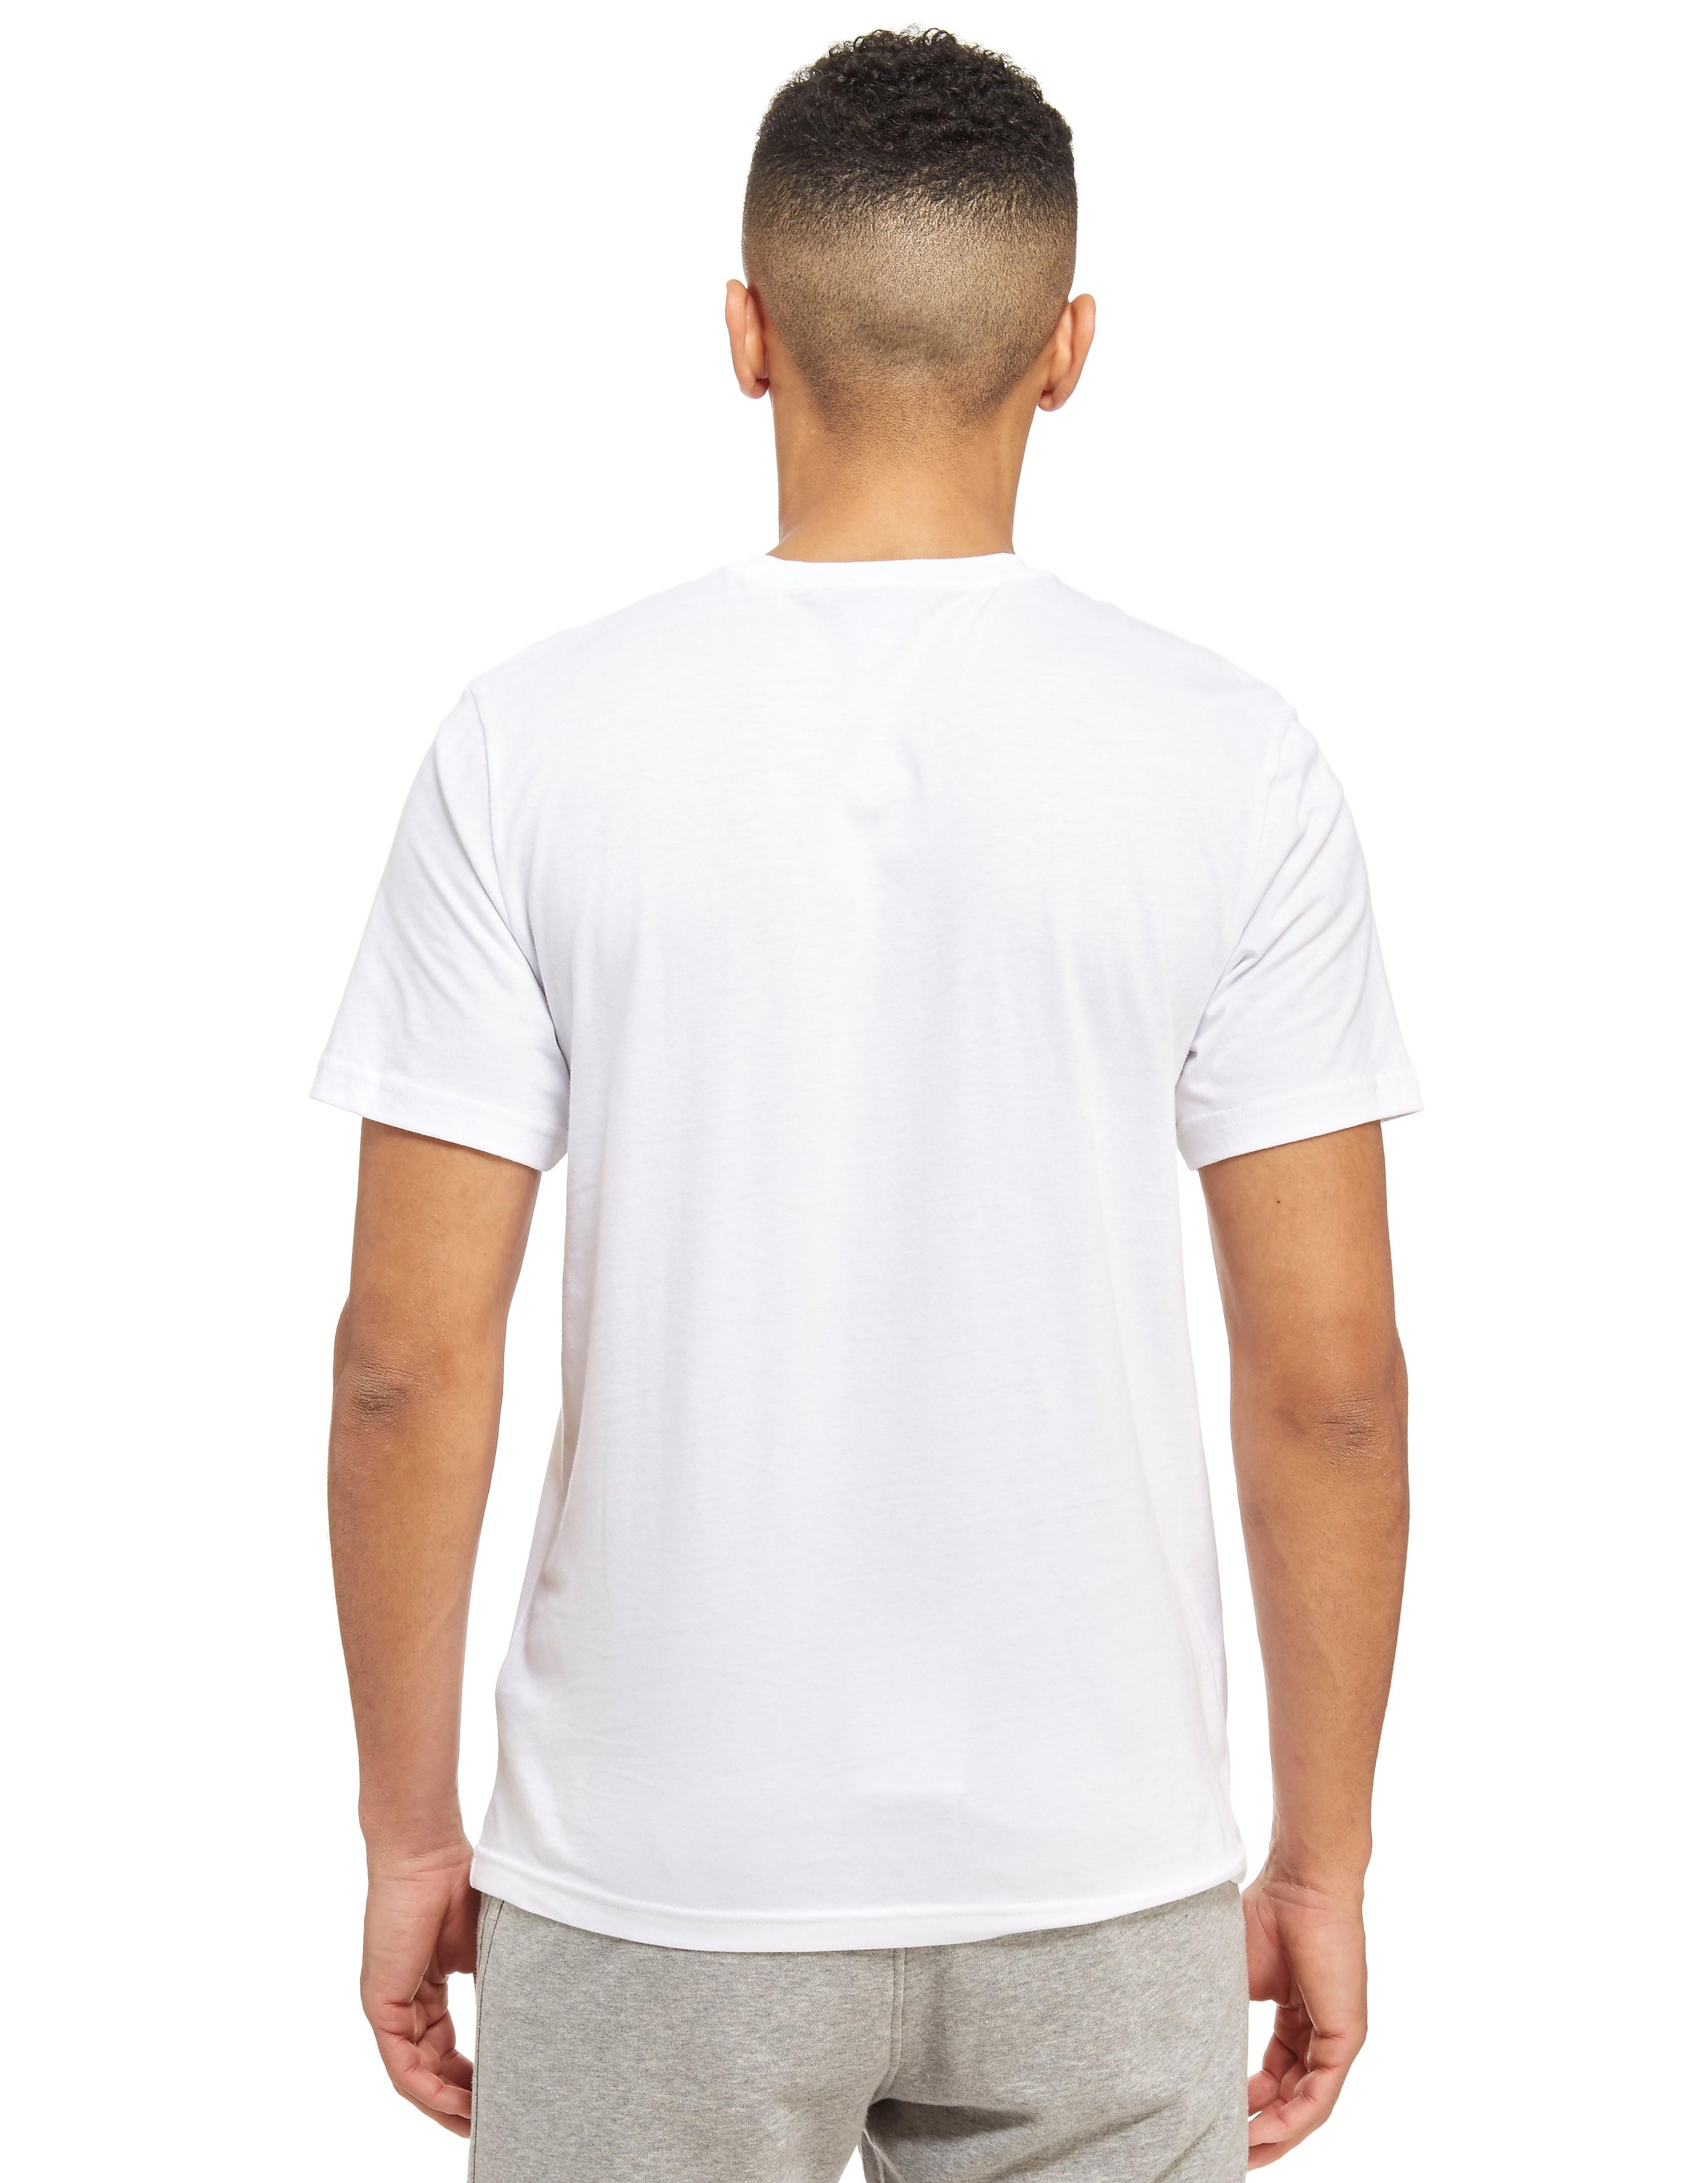 adidas Originals Label Floral T-Shirt